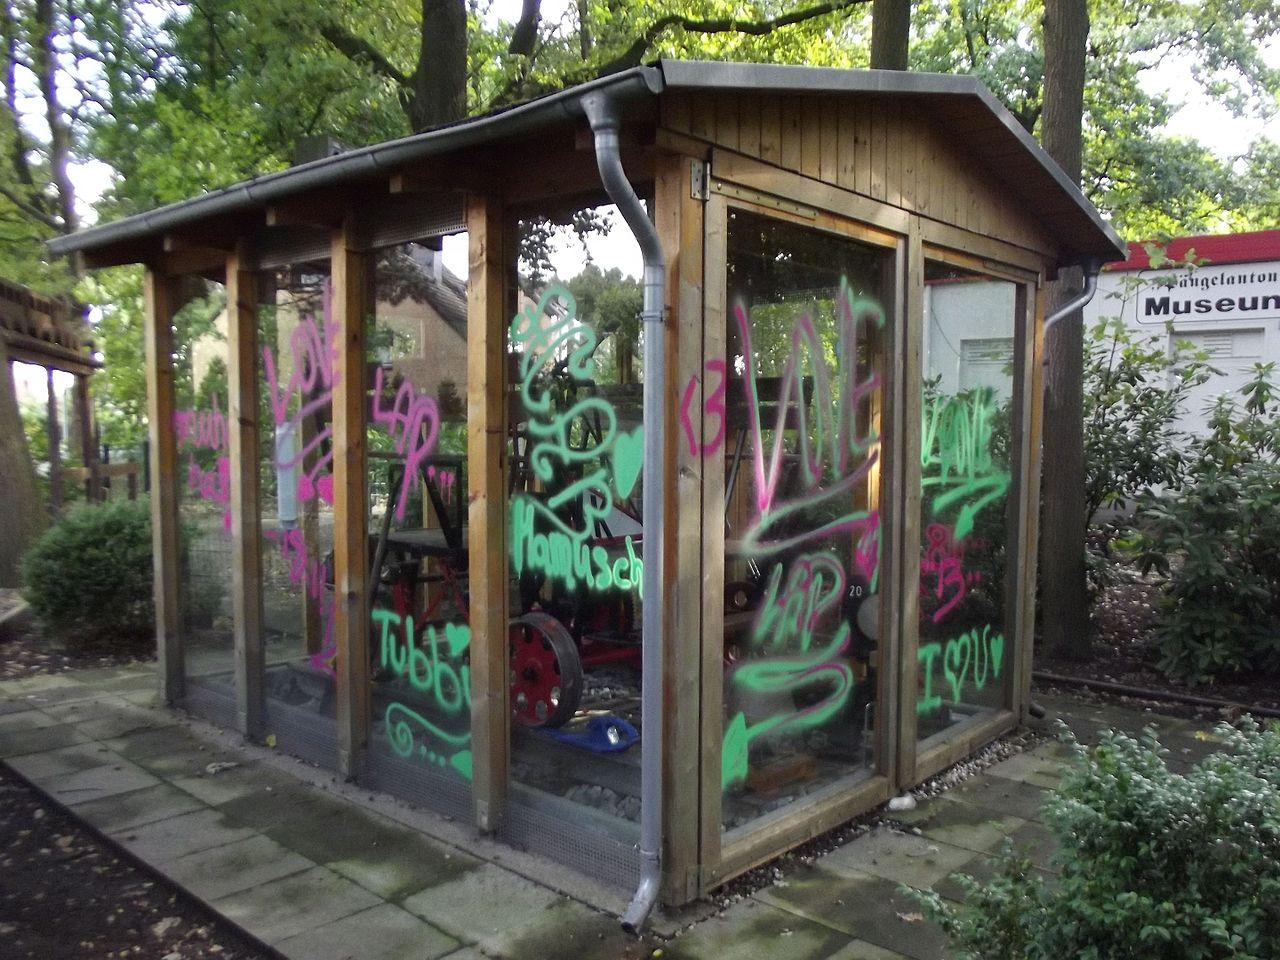 C mo limpiar un grafiti del cristal comunidad leroy merlin - Como limpiar grafitis ...